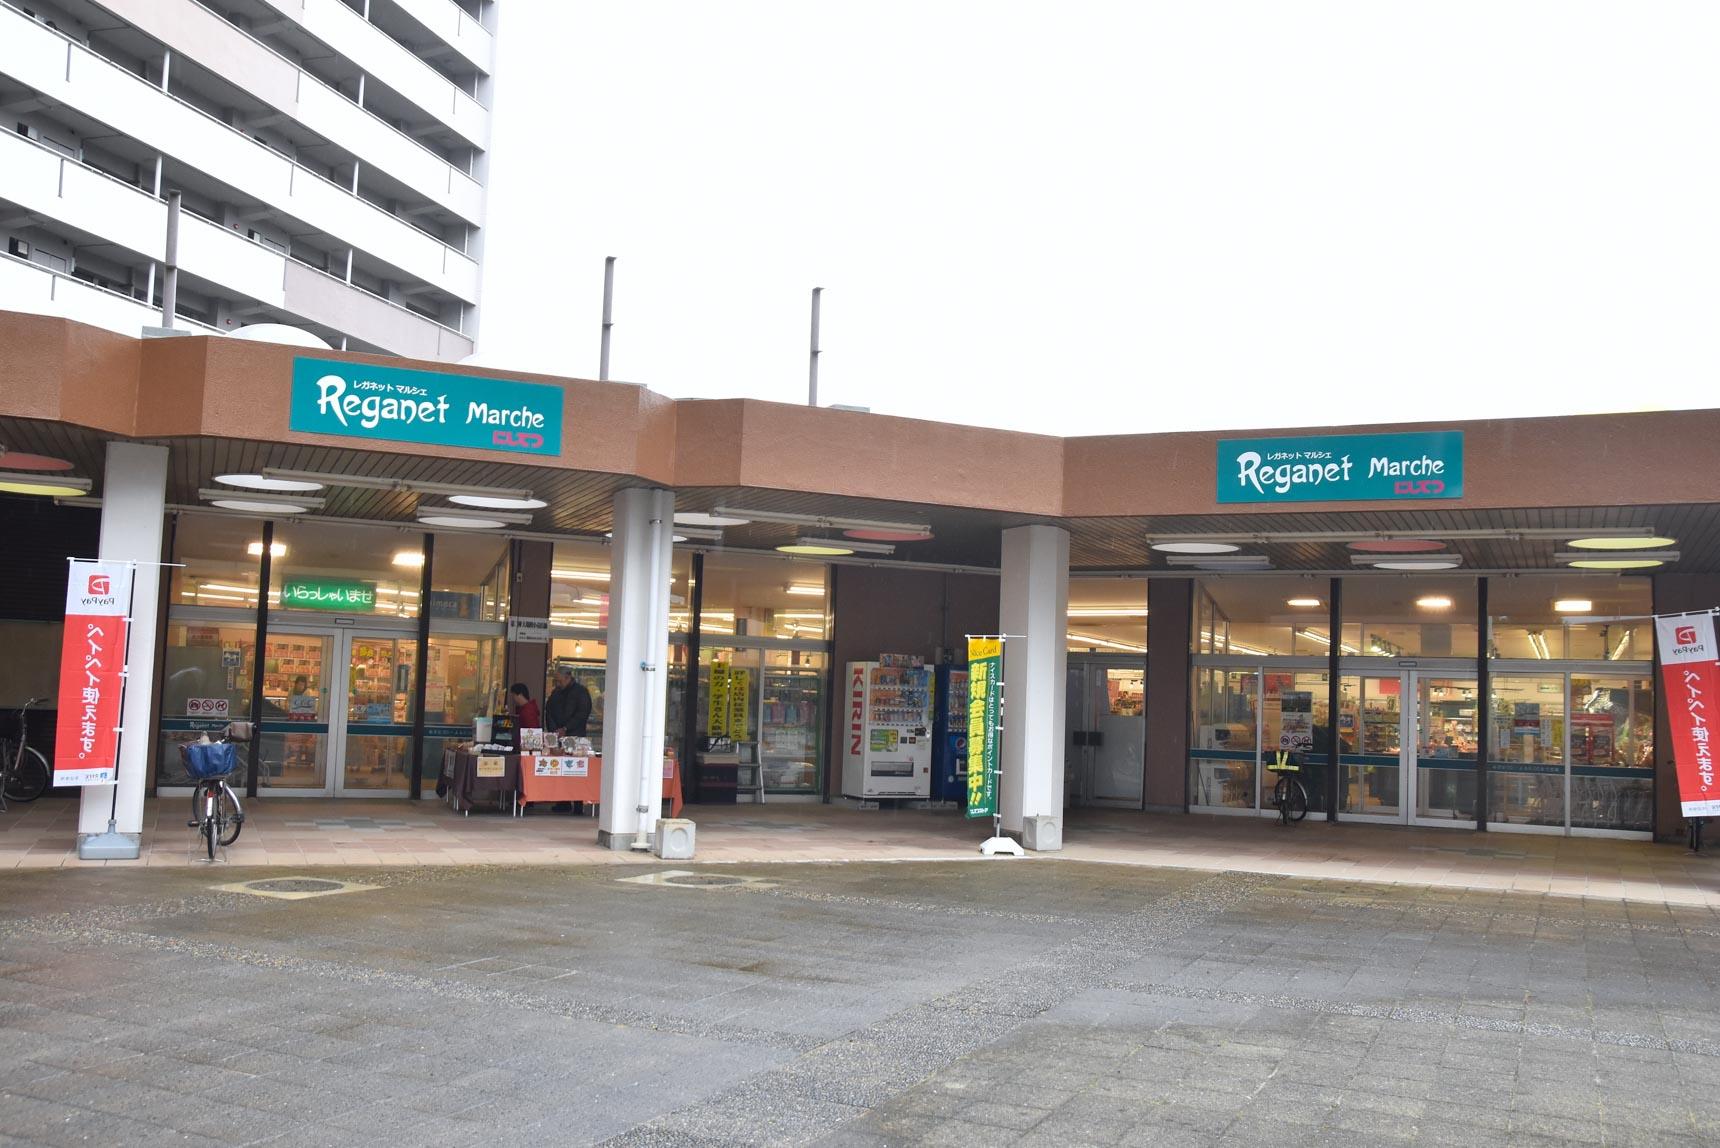 こちらは「にしてつストア レガネットマルシェ四箇田」。スーパーが敷地内にあるのはとても便利!郵便局、銀行も団地入り口近くにまとまってあります。